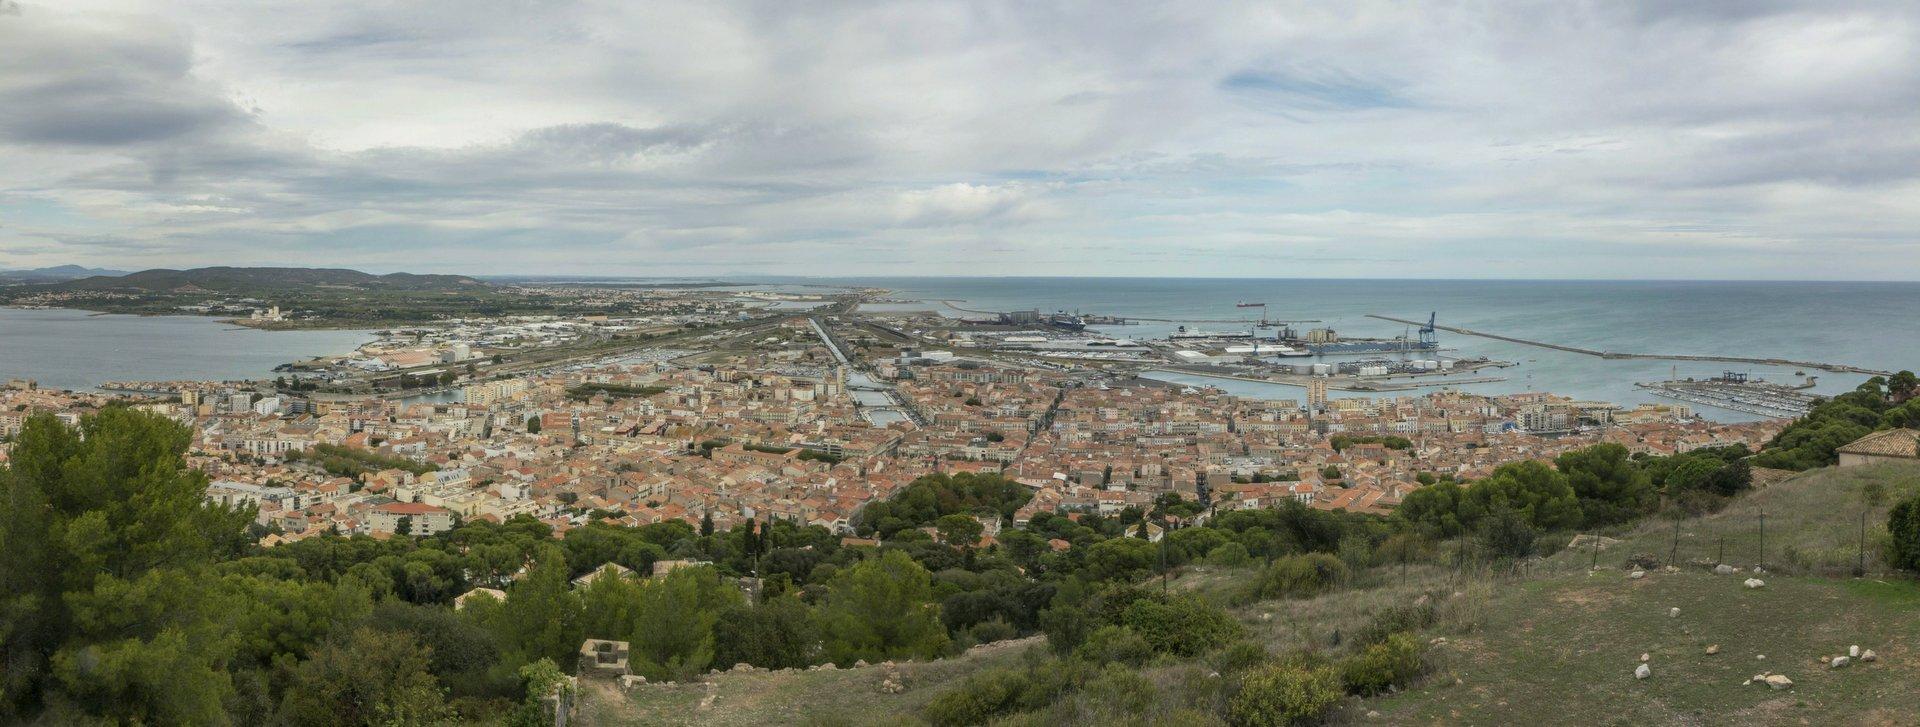 Blick auf den Hafen von der Aussichtsplattform Saint-Claire in Sète